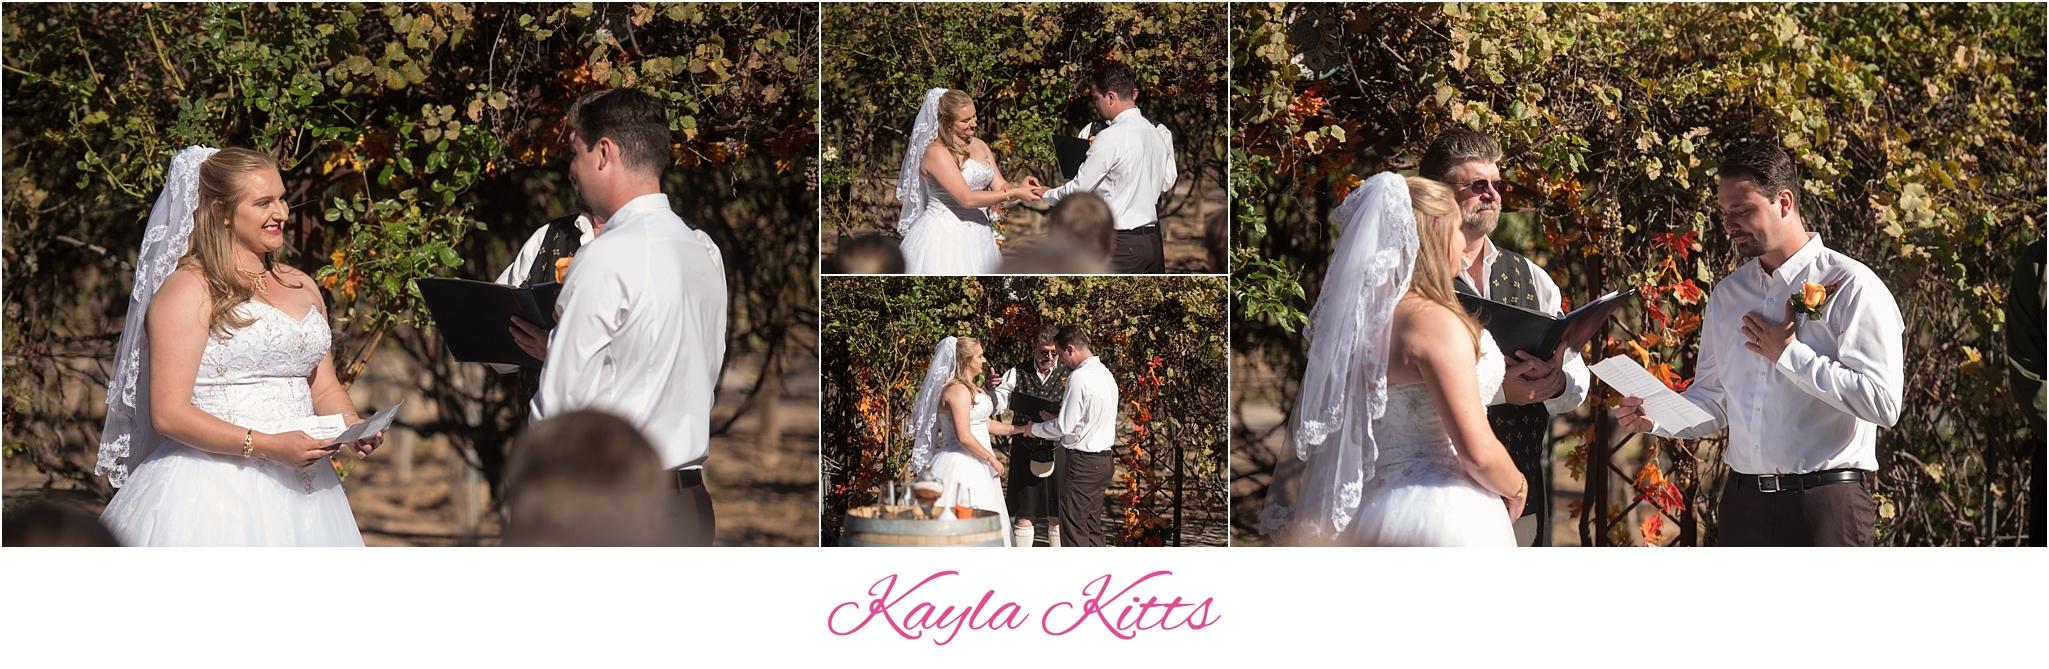 kayla kitts photography - albuquerque wedding photographer - albuquerque wedding photography - albuquerque venue - casa rondena - casa rondea wedding - new mexico wedding photographer_0012.jpg